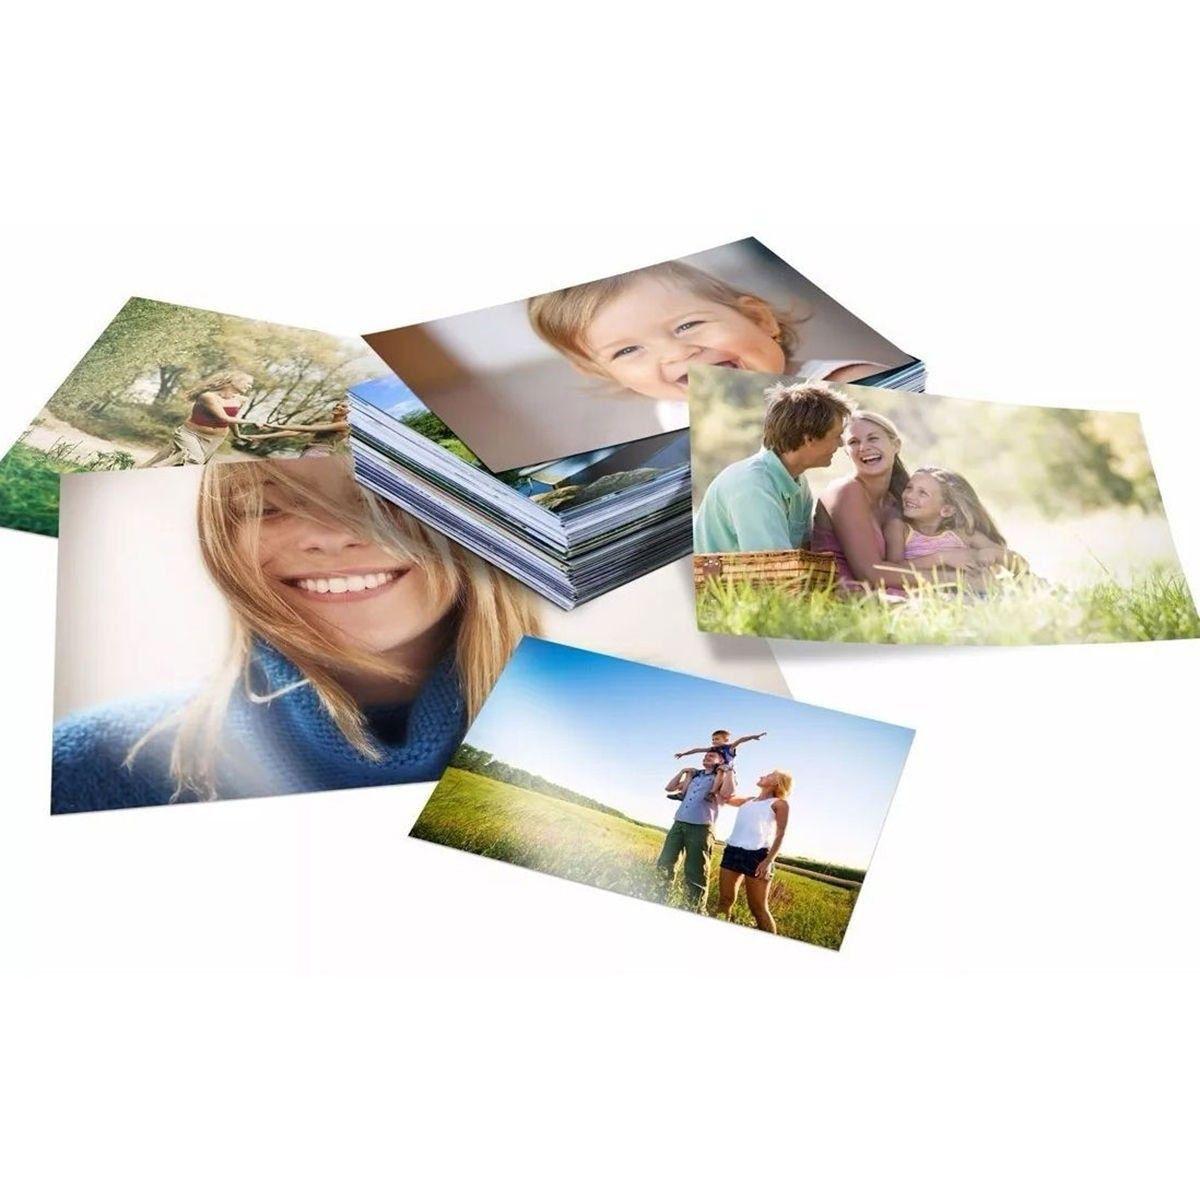 Papel Fotográfico A4 180g Glossy Branco Brilhante Resistente à Água / 100 folhas